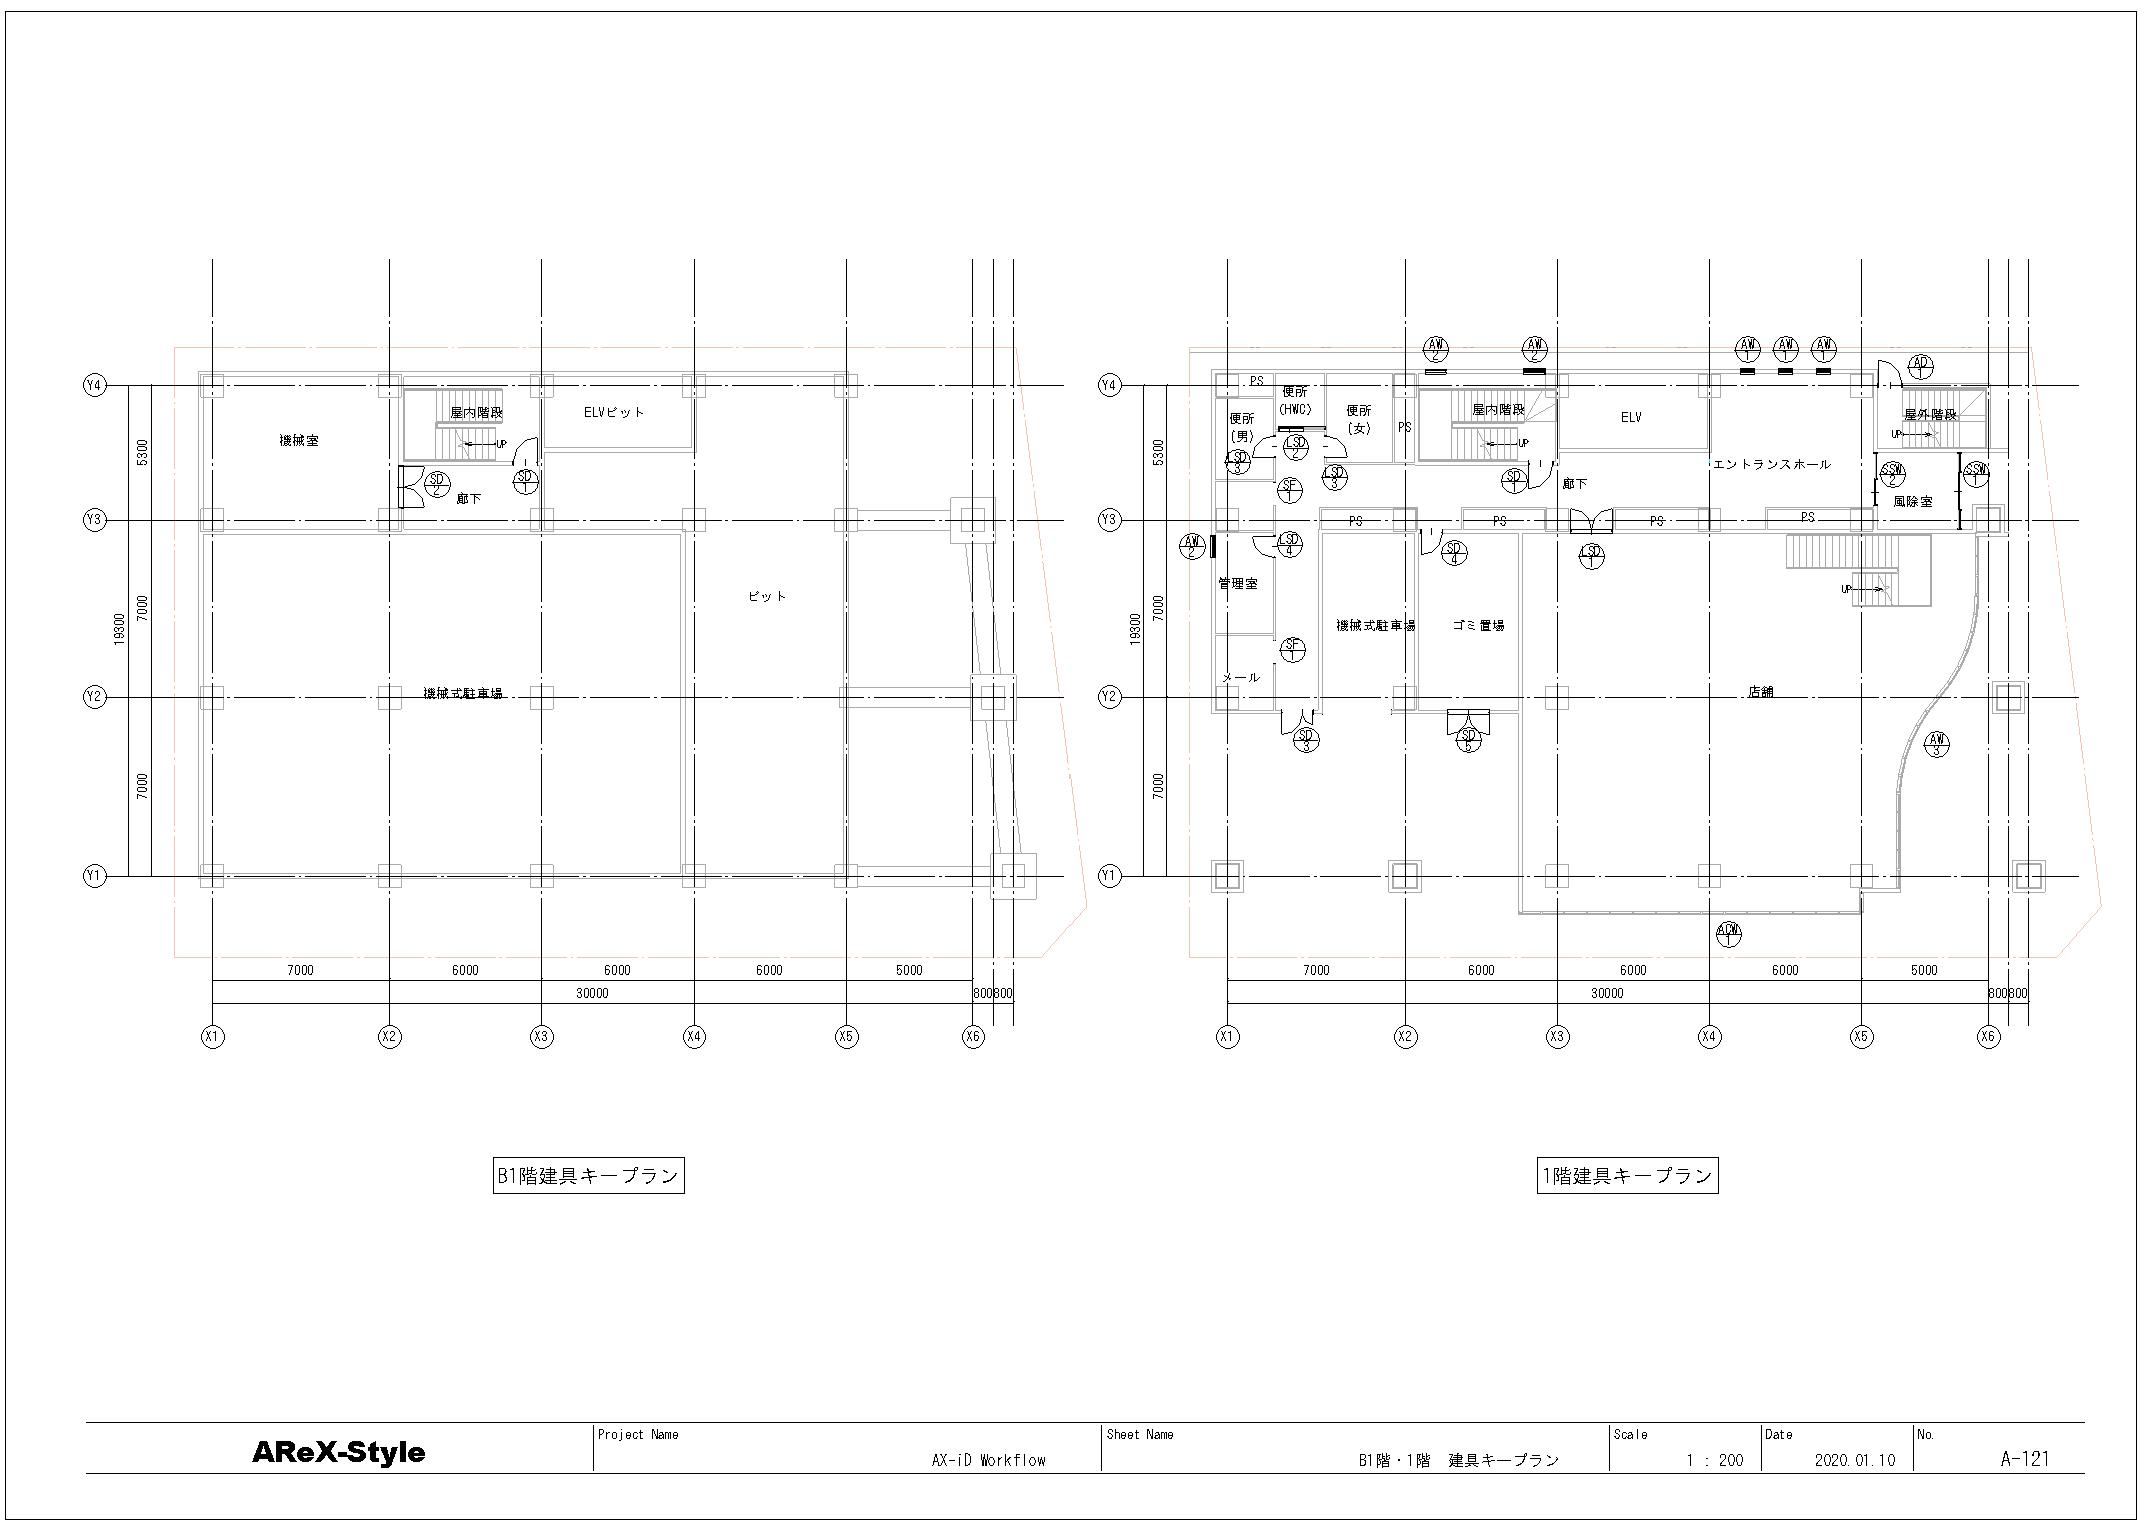 【iD200】⑧図面化(建具キープラン図の作成)